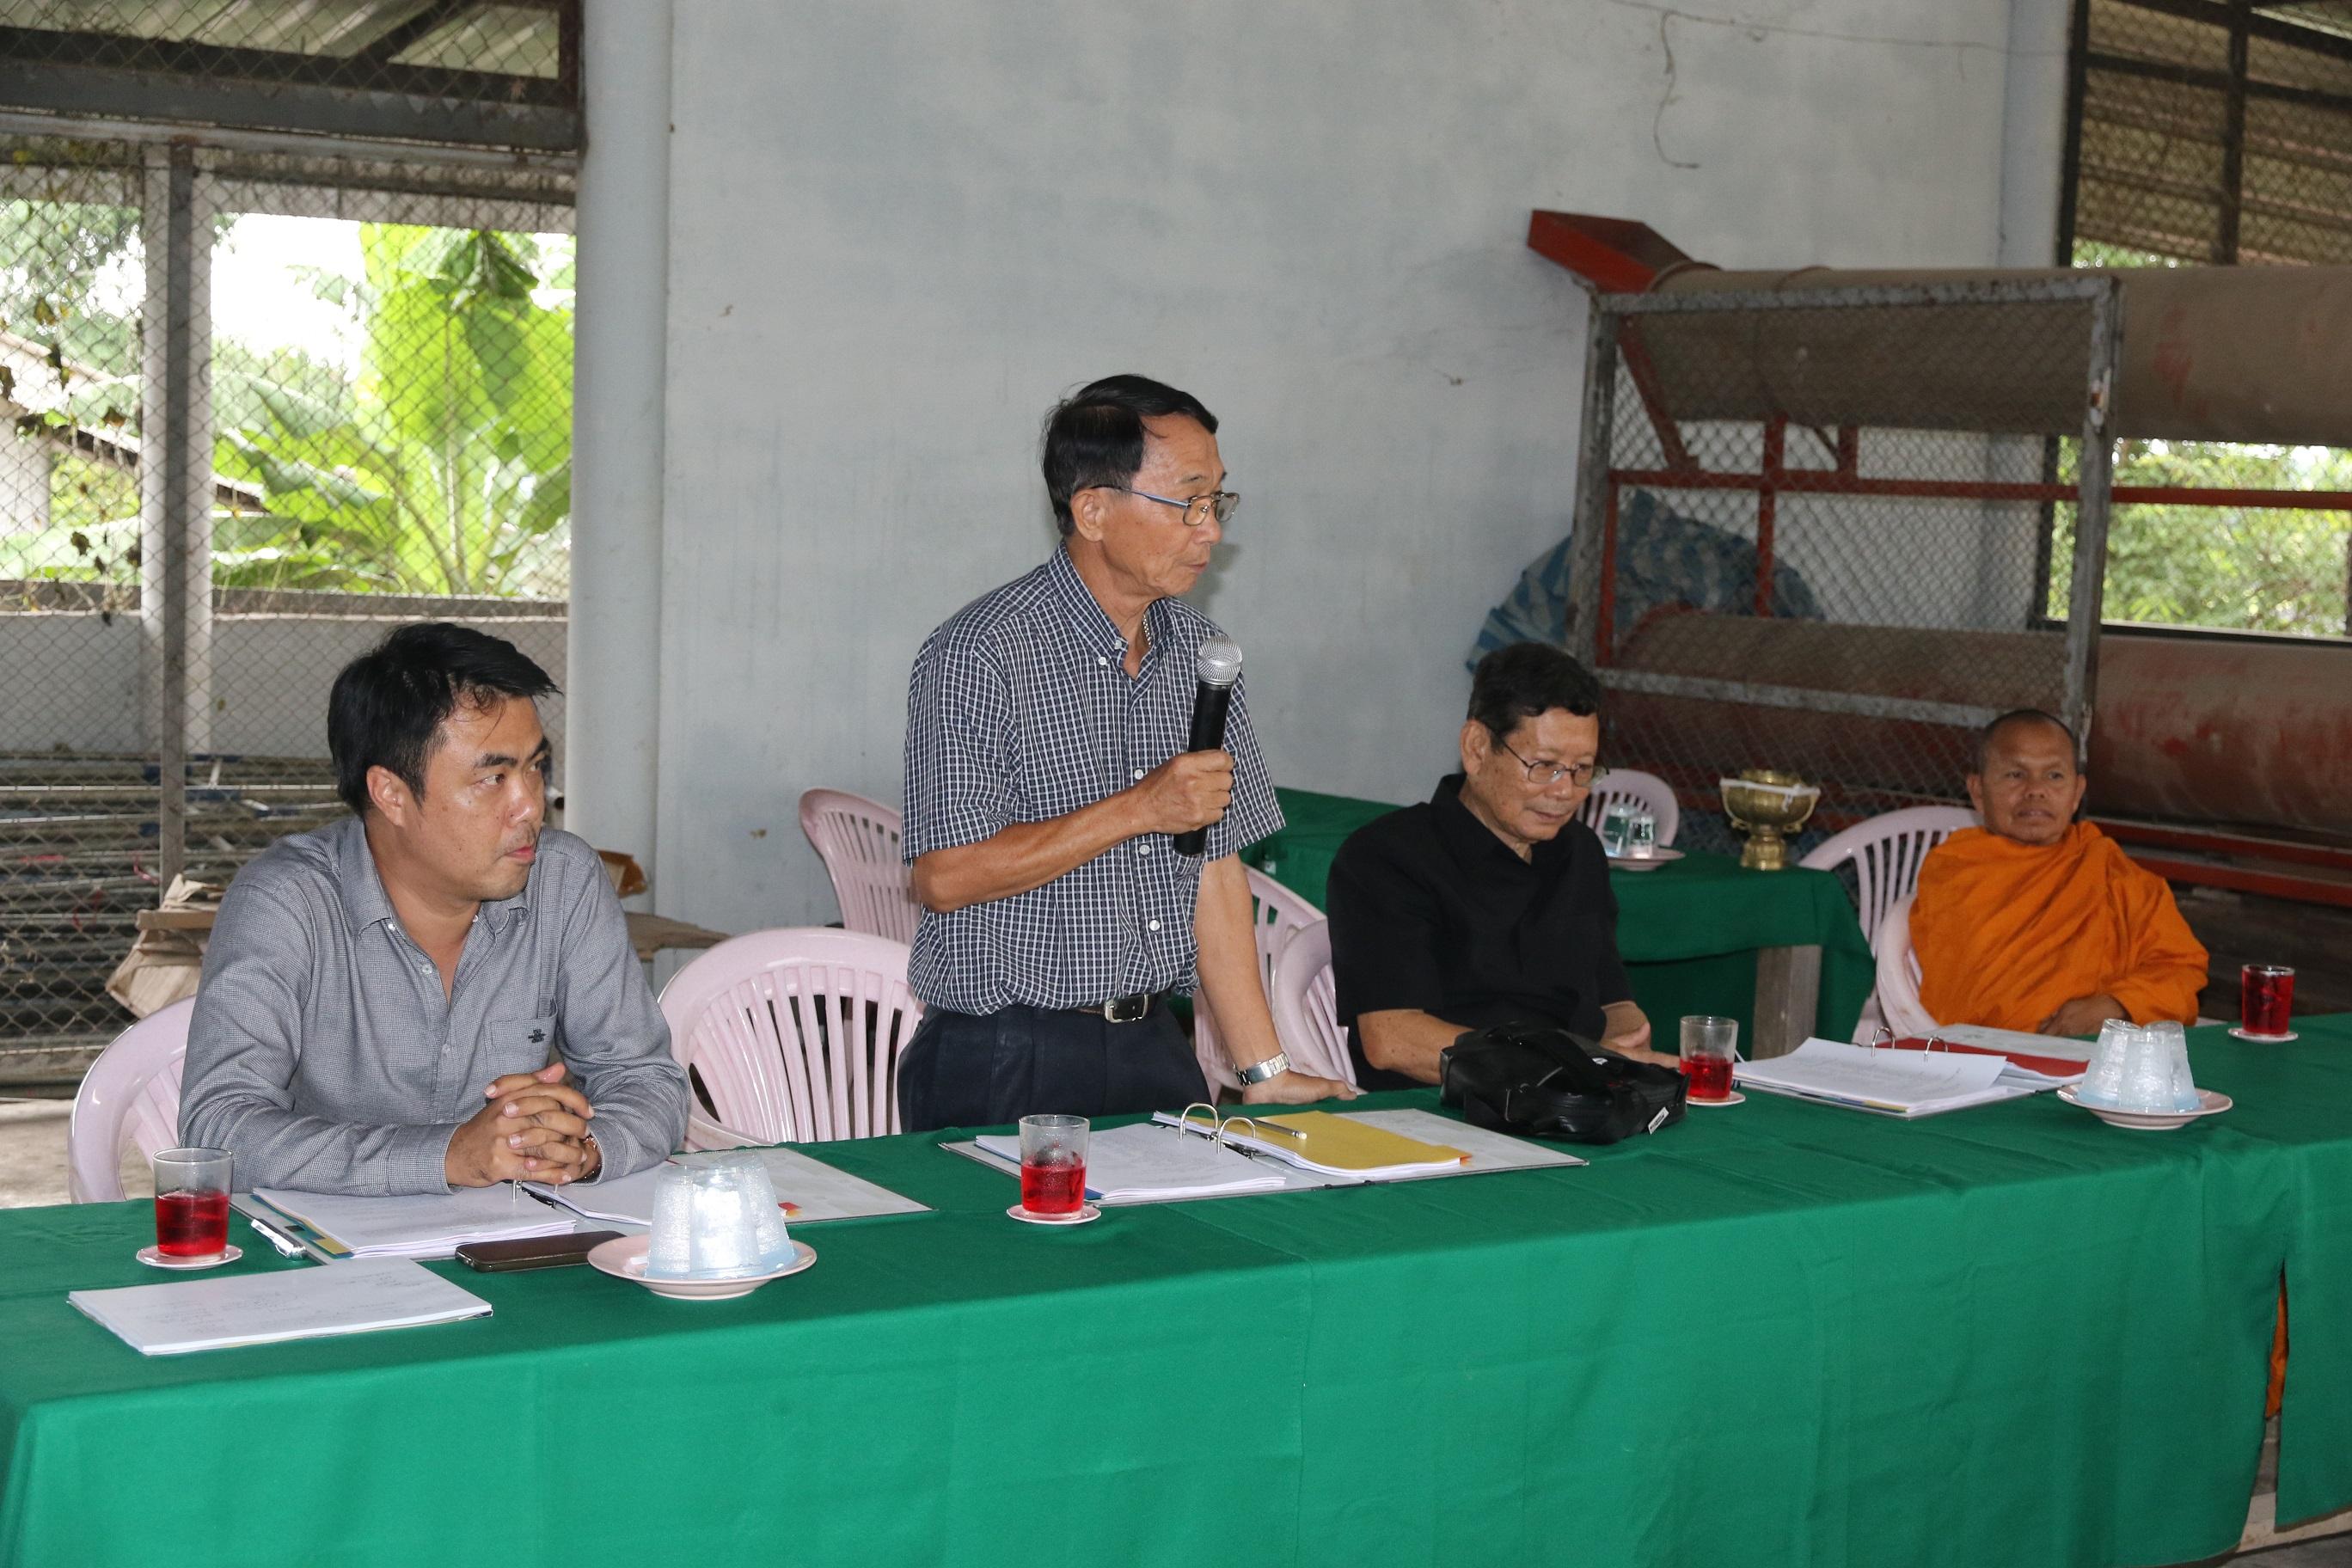 ติดตามความก้าวหน้าการดำเนินงานโครงการยกระดับคุณภาพชีวิตของหมู่บ้าน ชุมชน แบบมีส่วนร่วม ประจำปีงบประมาณ 2560 กรณีหมู่บ้านแม่กาษาโพธิ์เงิน หมู่ 14 ต.แม่กาษา อ.แม่สอด จ.ตาก